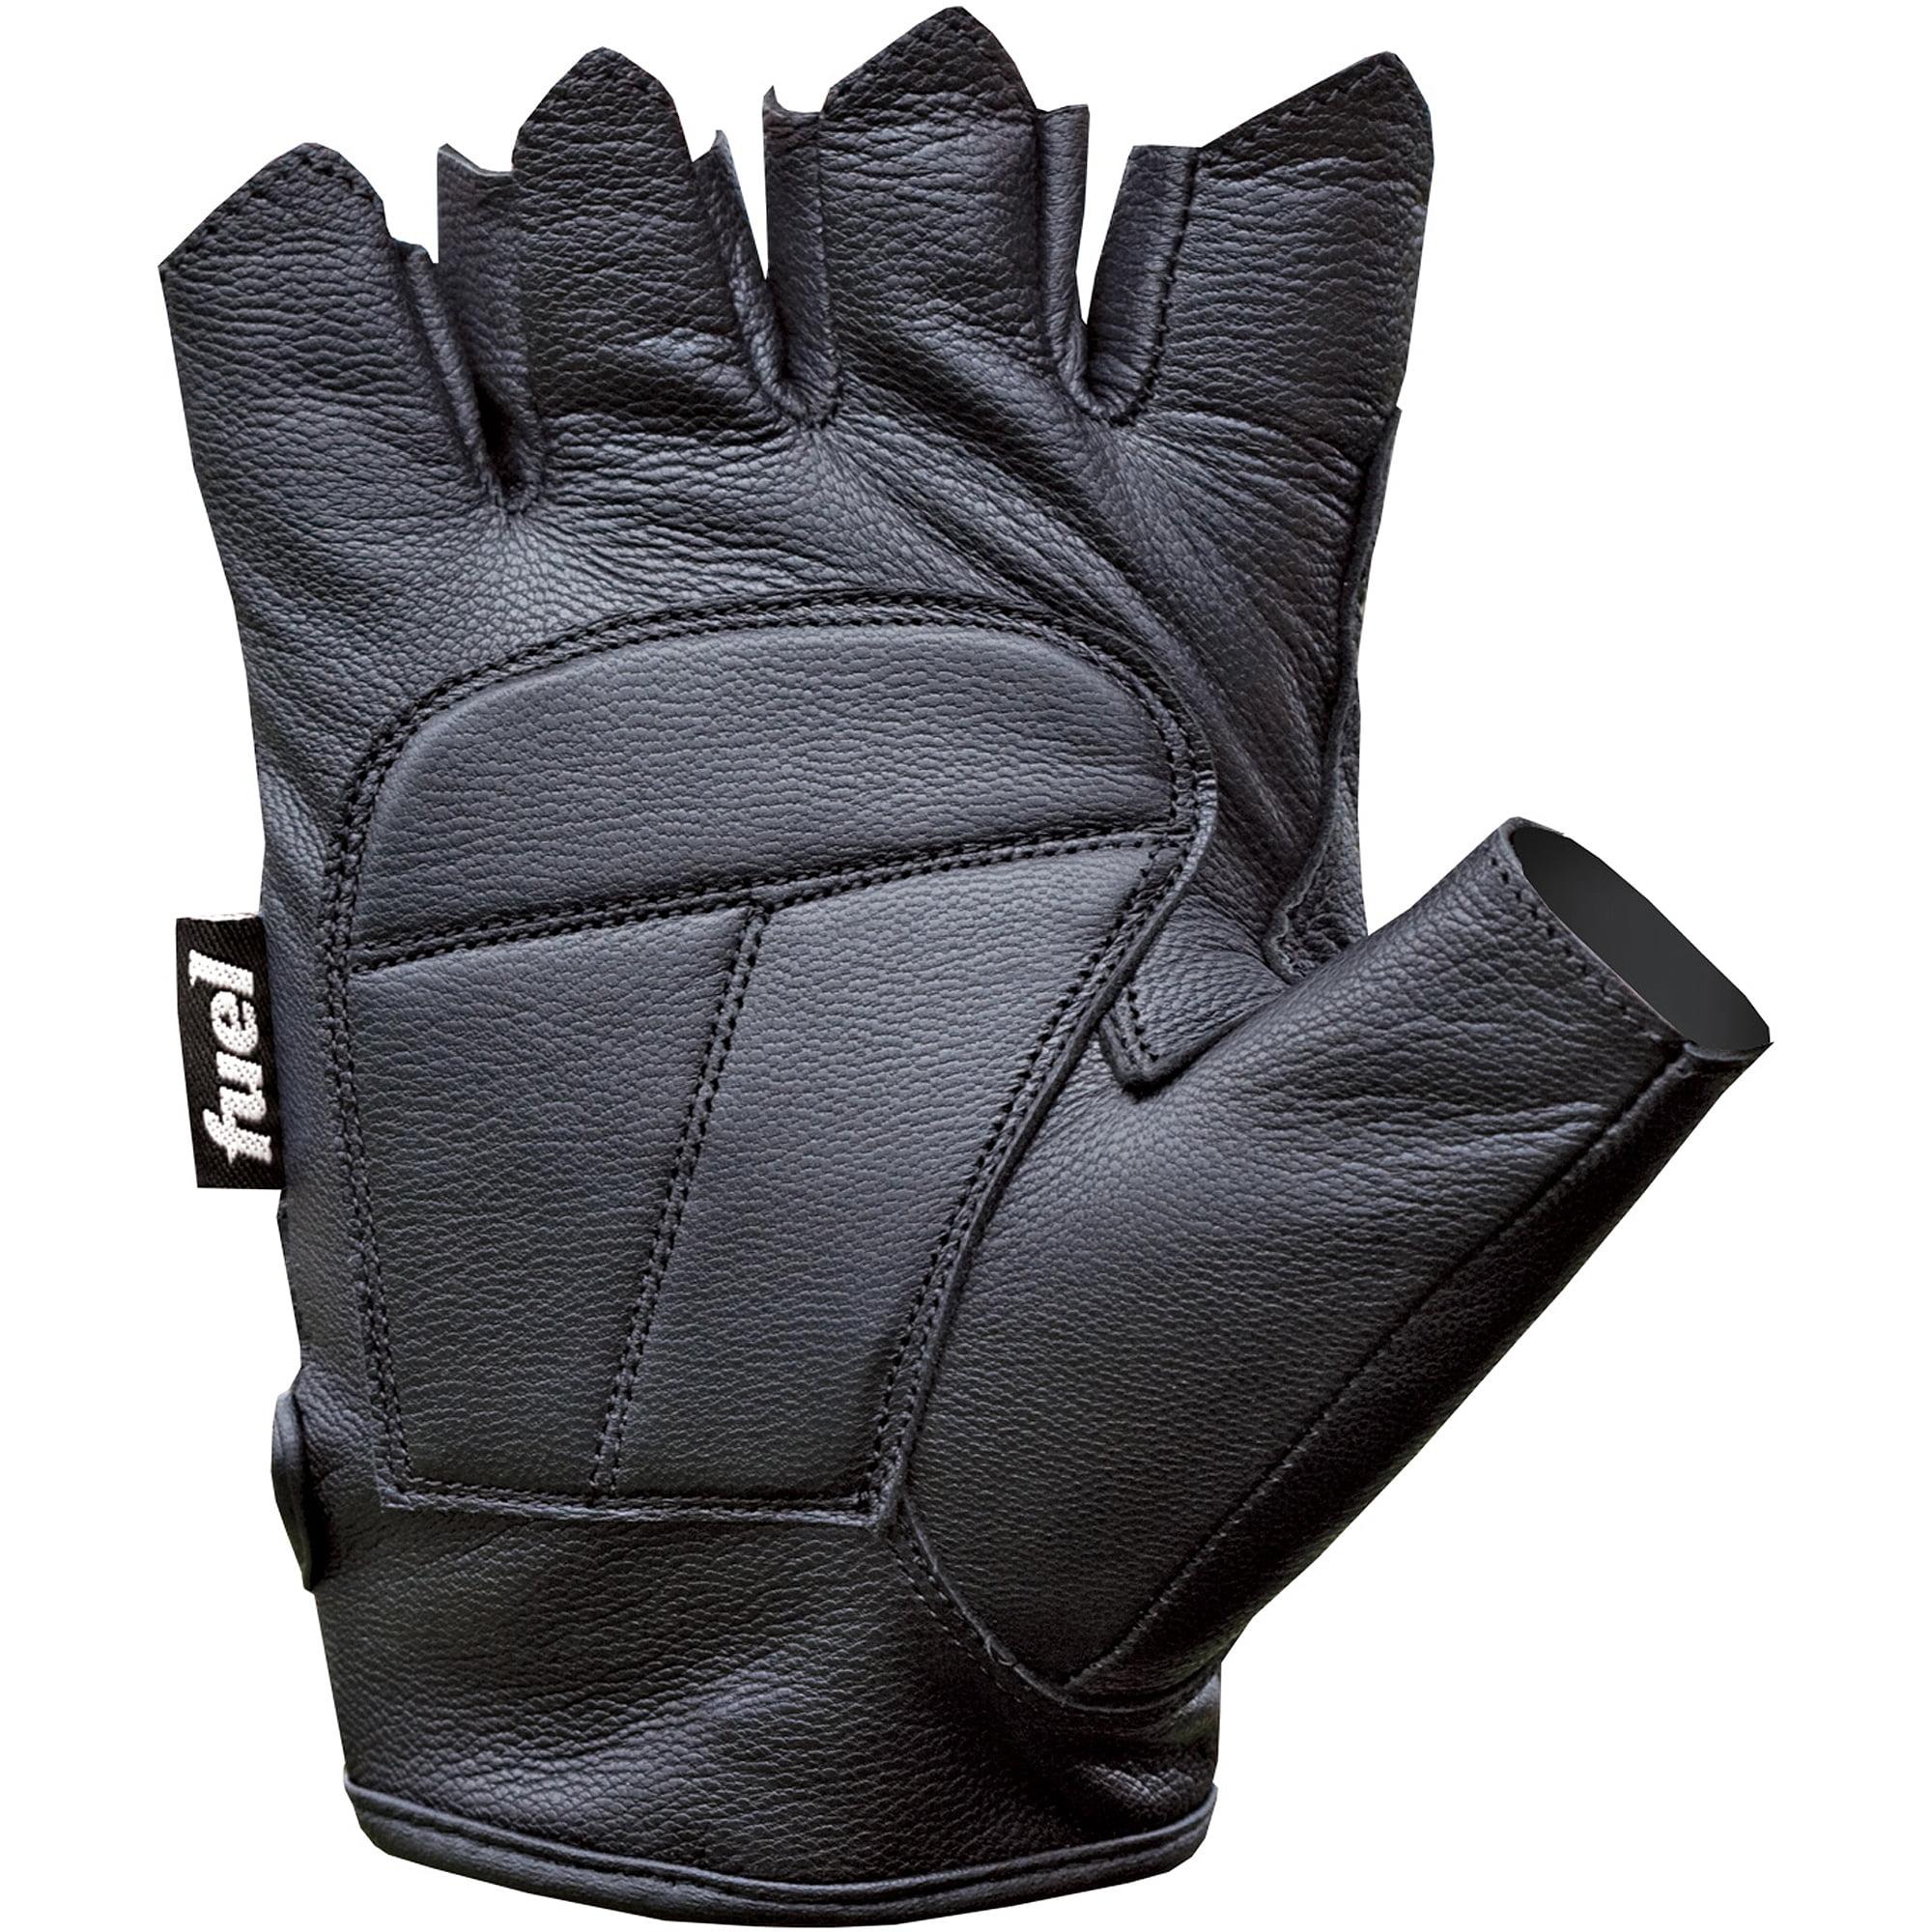 Fingerless gloves for gaming - Fingerless Gloves For Gaming 33